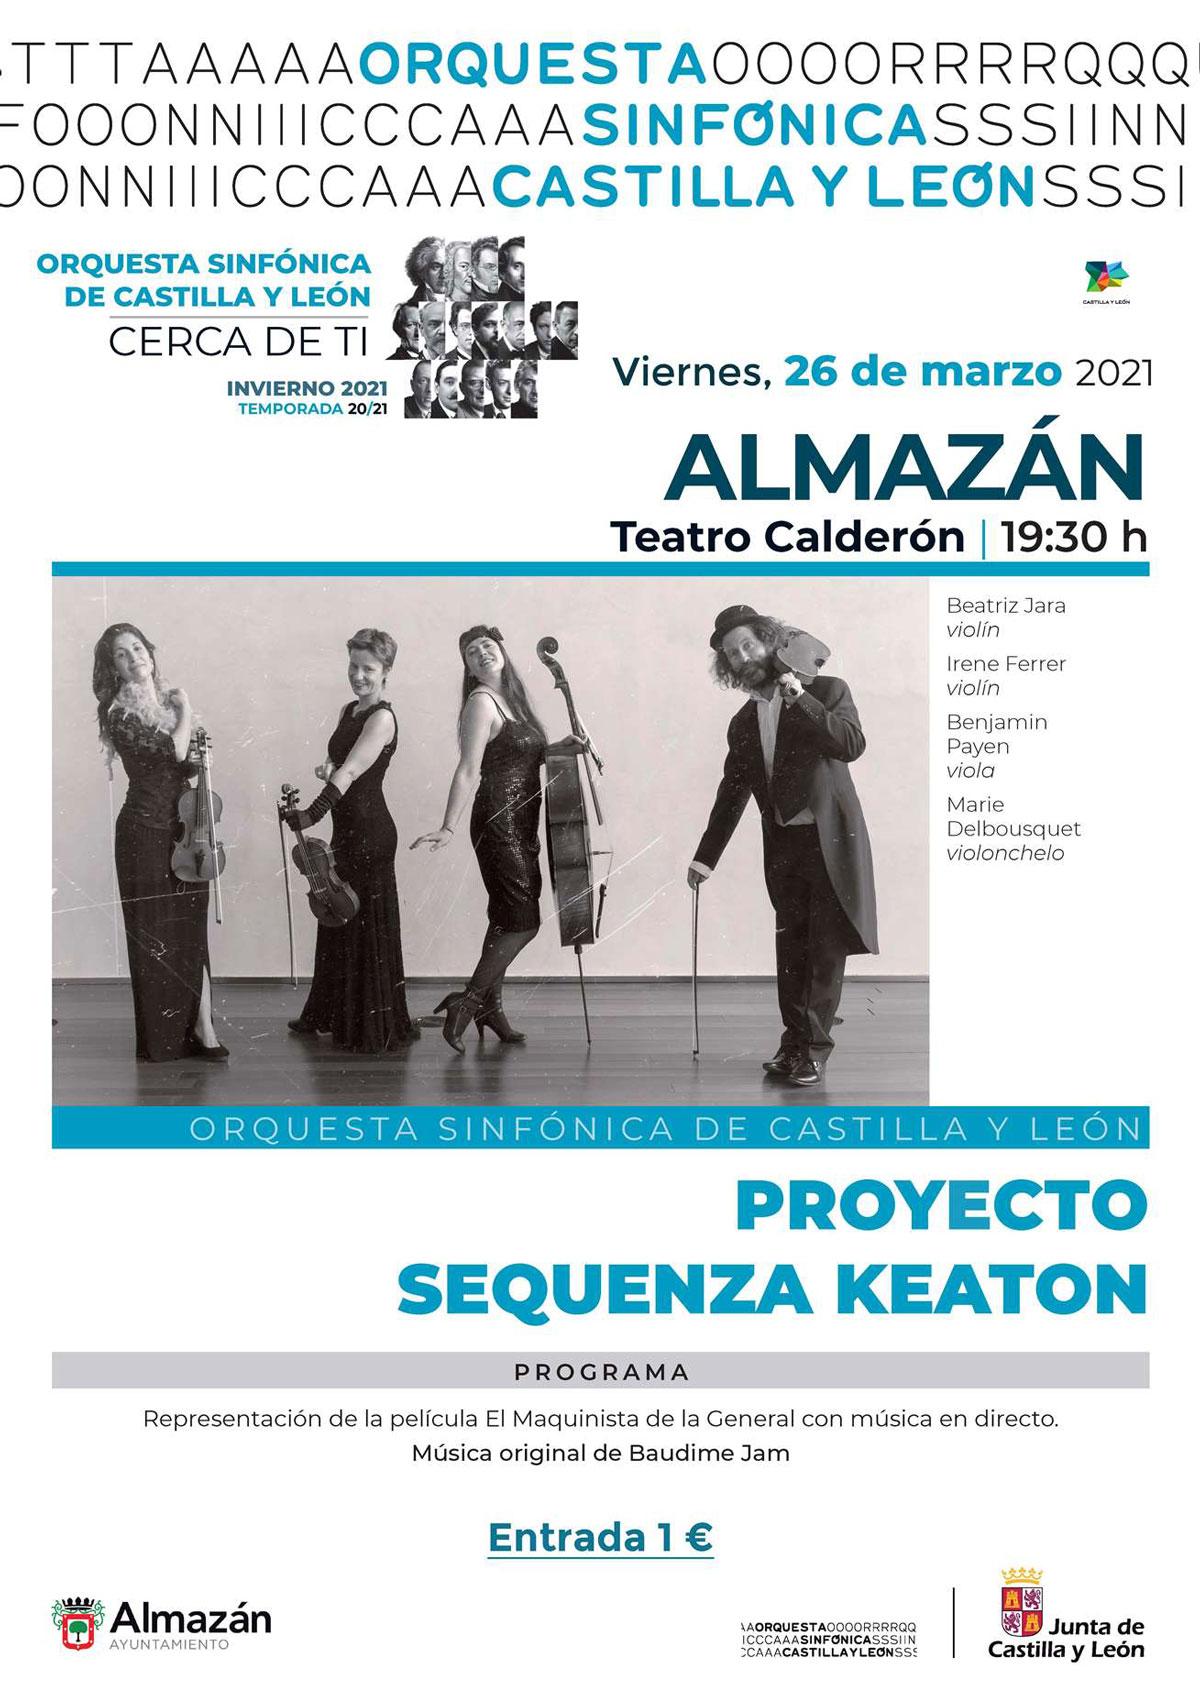 Concierto ofrecido por un cuarteto de la Orquesta Sinfónica de Castilla y León.